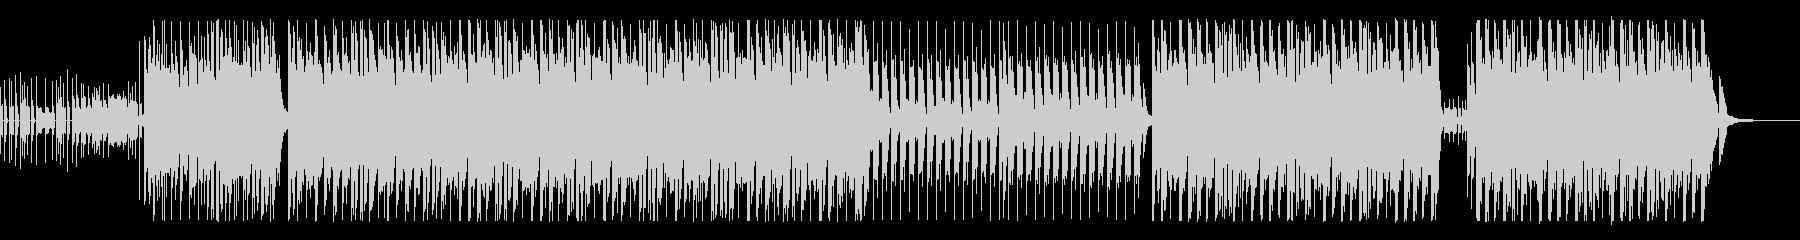 軽快なピアノが印象的なEDMの未再生の波形